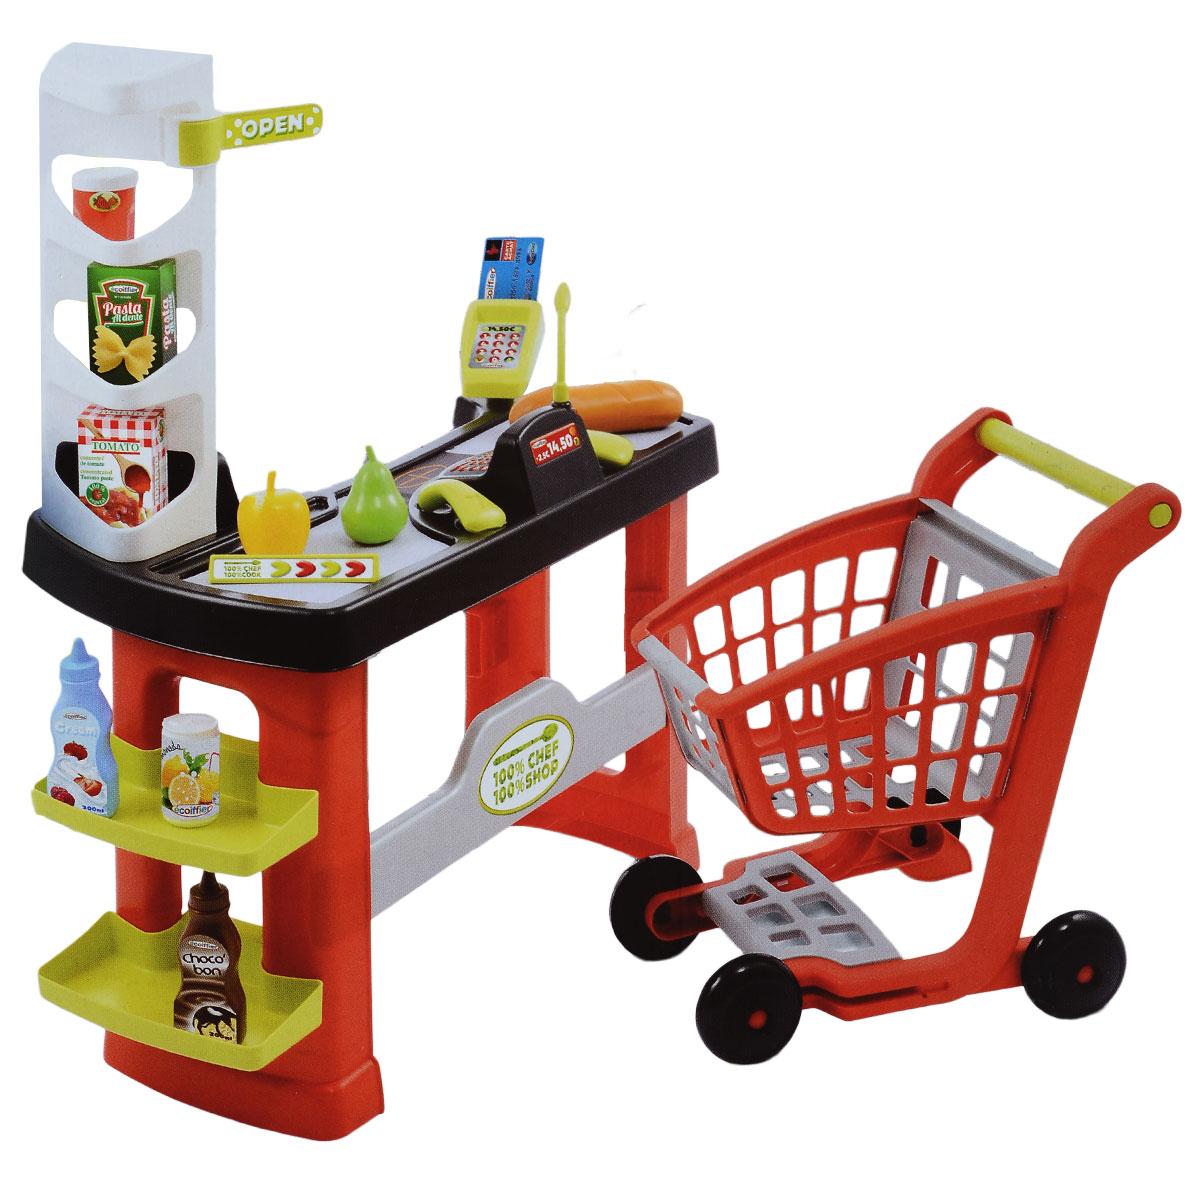 Игровой набор Ecoiffier Супермаркет с тележкой, 20 предметов écoiffier игровой набор ecoiffier clean home тележка для уборки с пылесосом 10 предметов